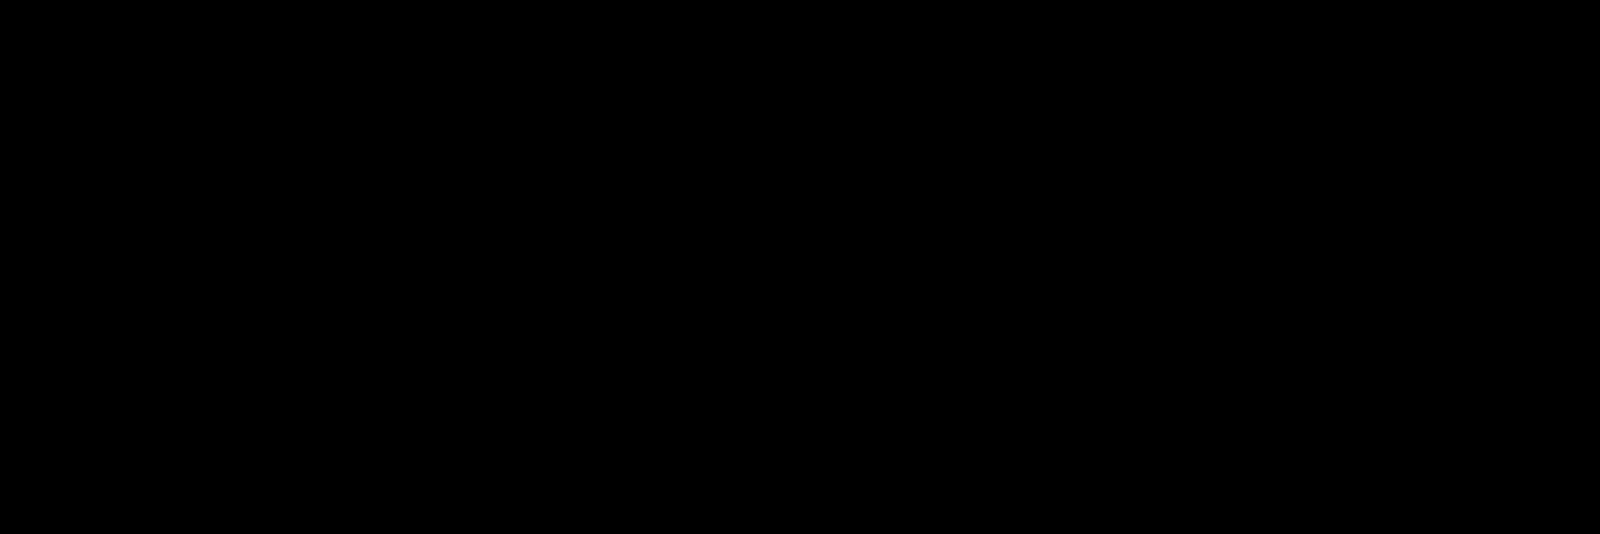 Joyride-1600x533.png